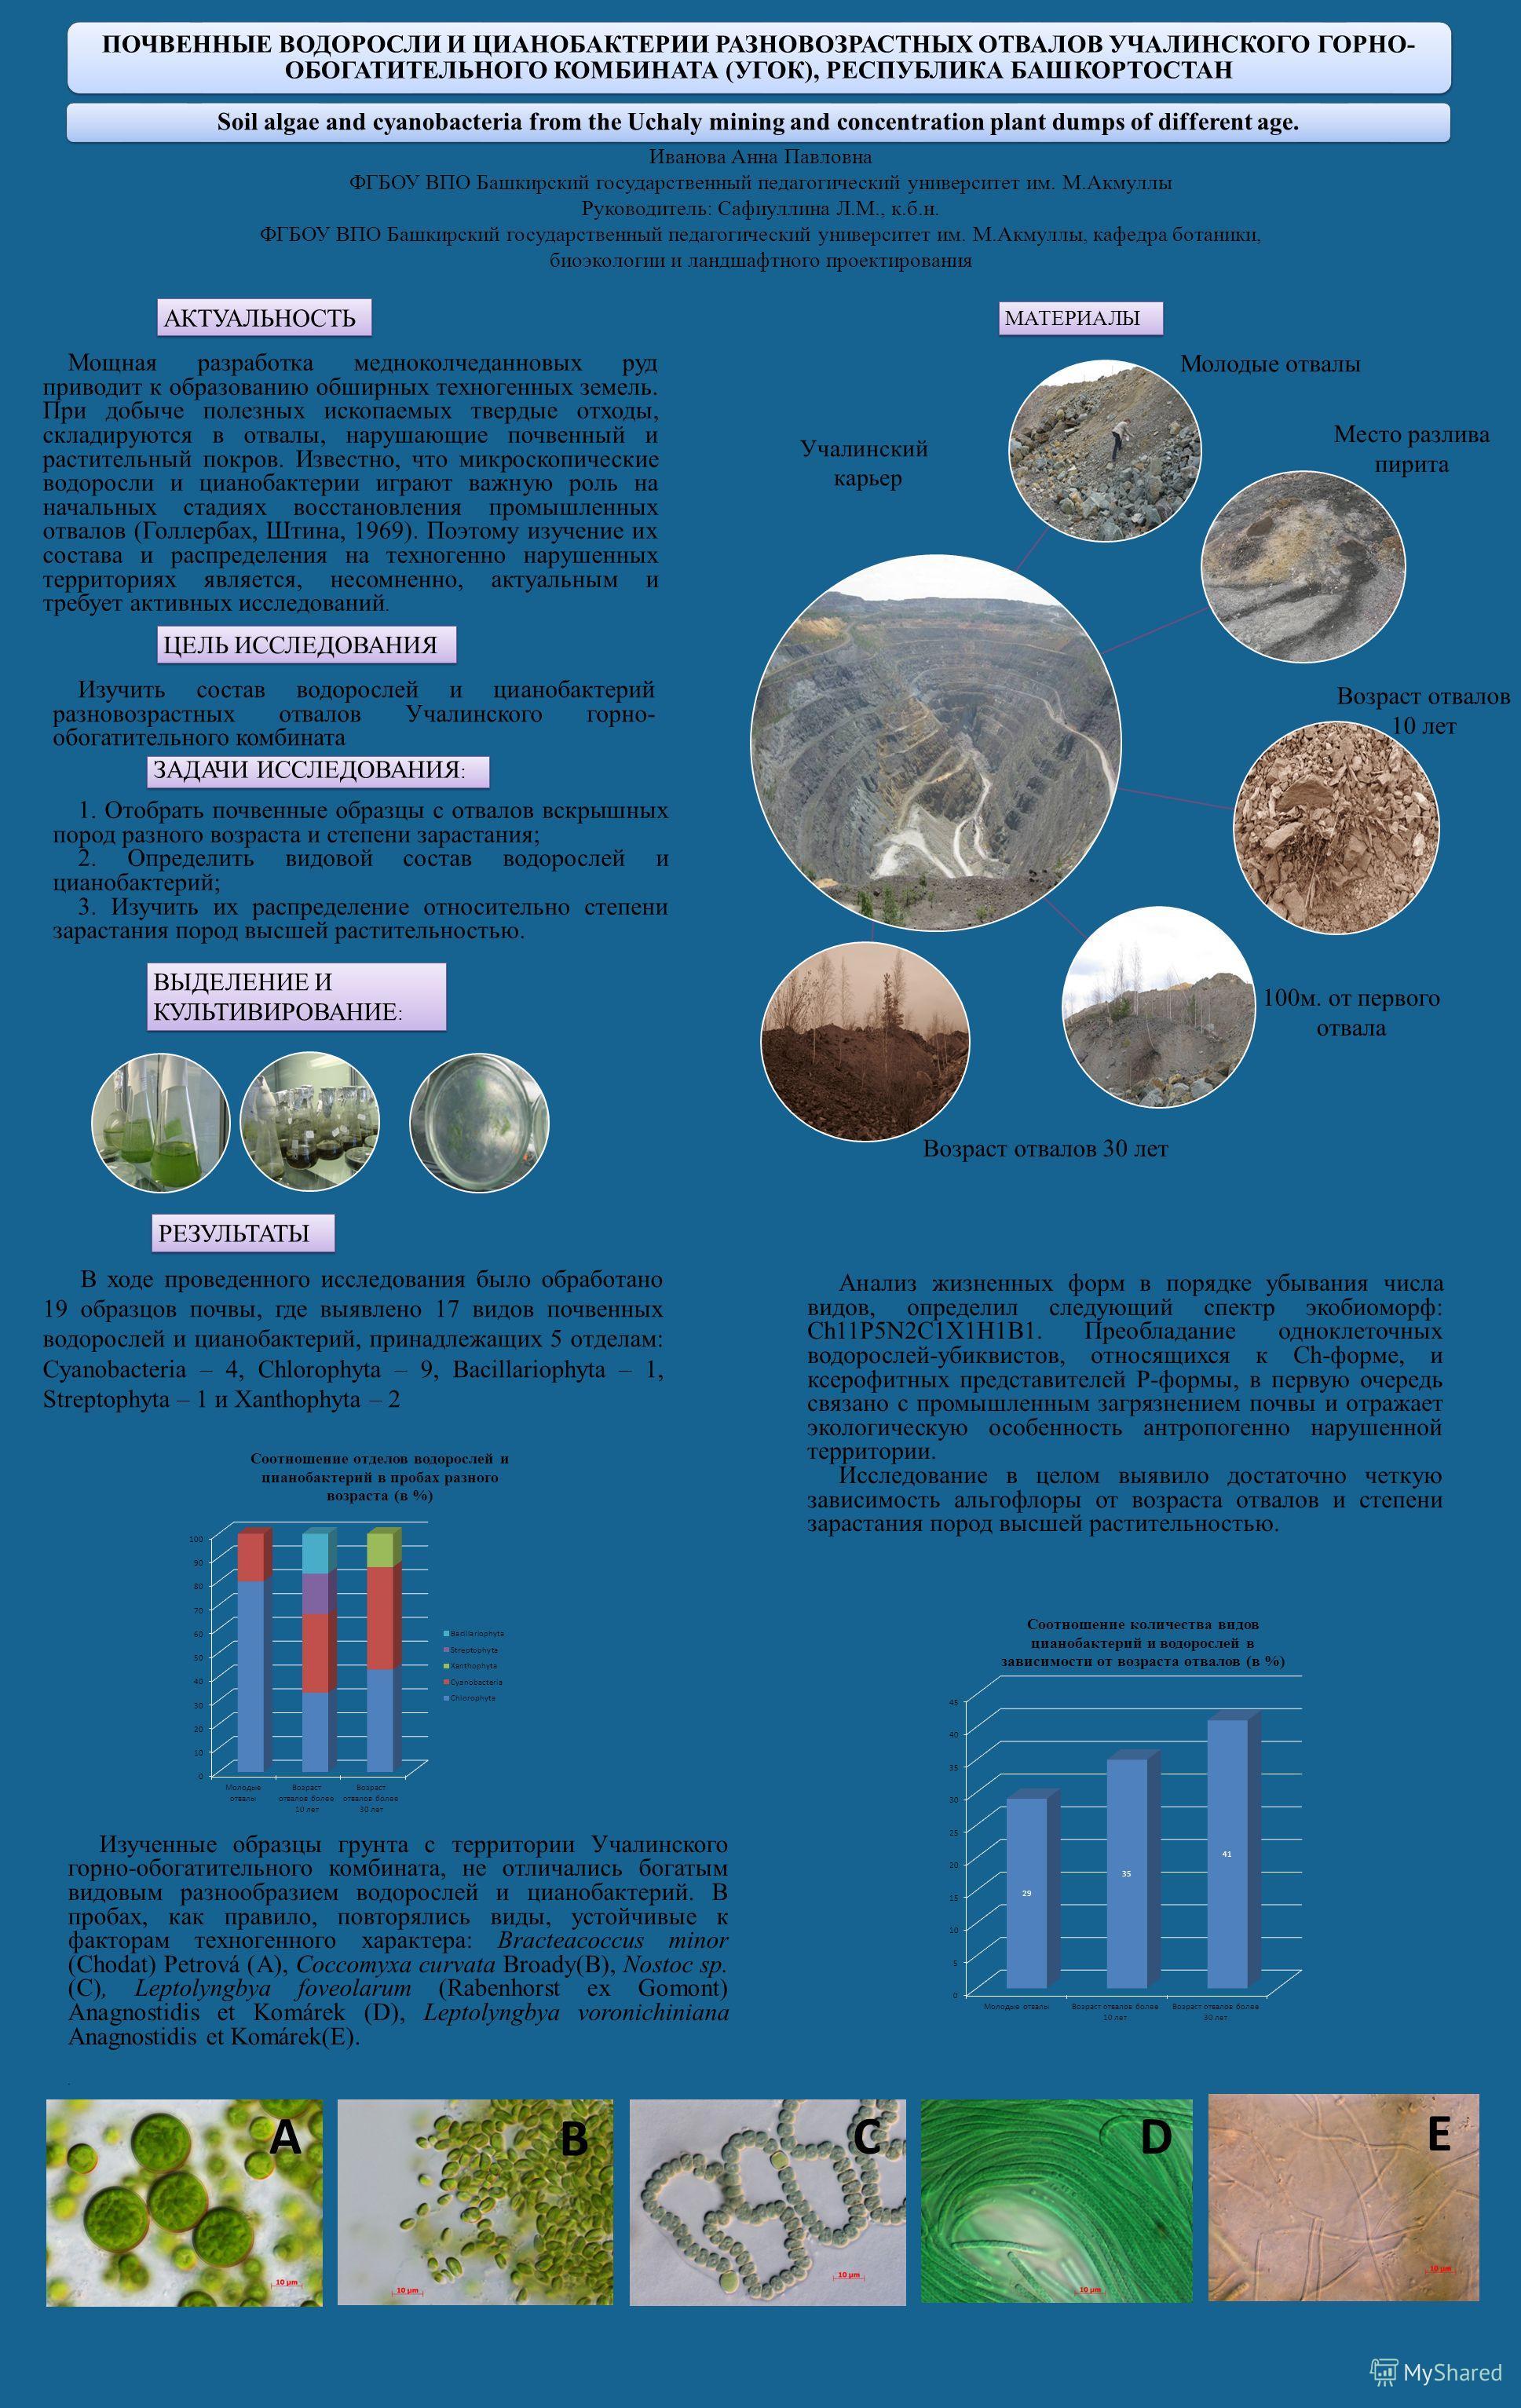 Soil algae and cyanobacteria from the Uchaly mining and concentration plant dumps of different age. ПОЧВЕННЫЕ ВОДОРОСЛИ И ЦИАНОБАКТЕРИИ РАЗНОВОЗРАСТНЫХ ОТВАЛОВ УЧАЛИНСКОГО ГОРНО- ОБОГАТИТЕЛЬНОГО КОМБИНАТА (УГОК), РЕСПУБЛИКА БАШКОРТОСТАН Иванова Анна